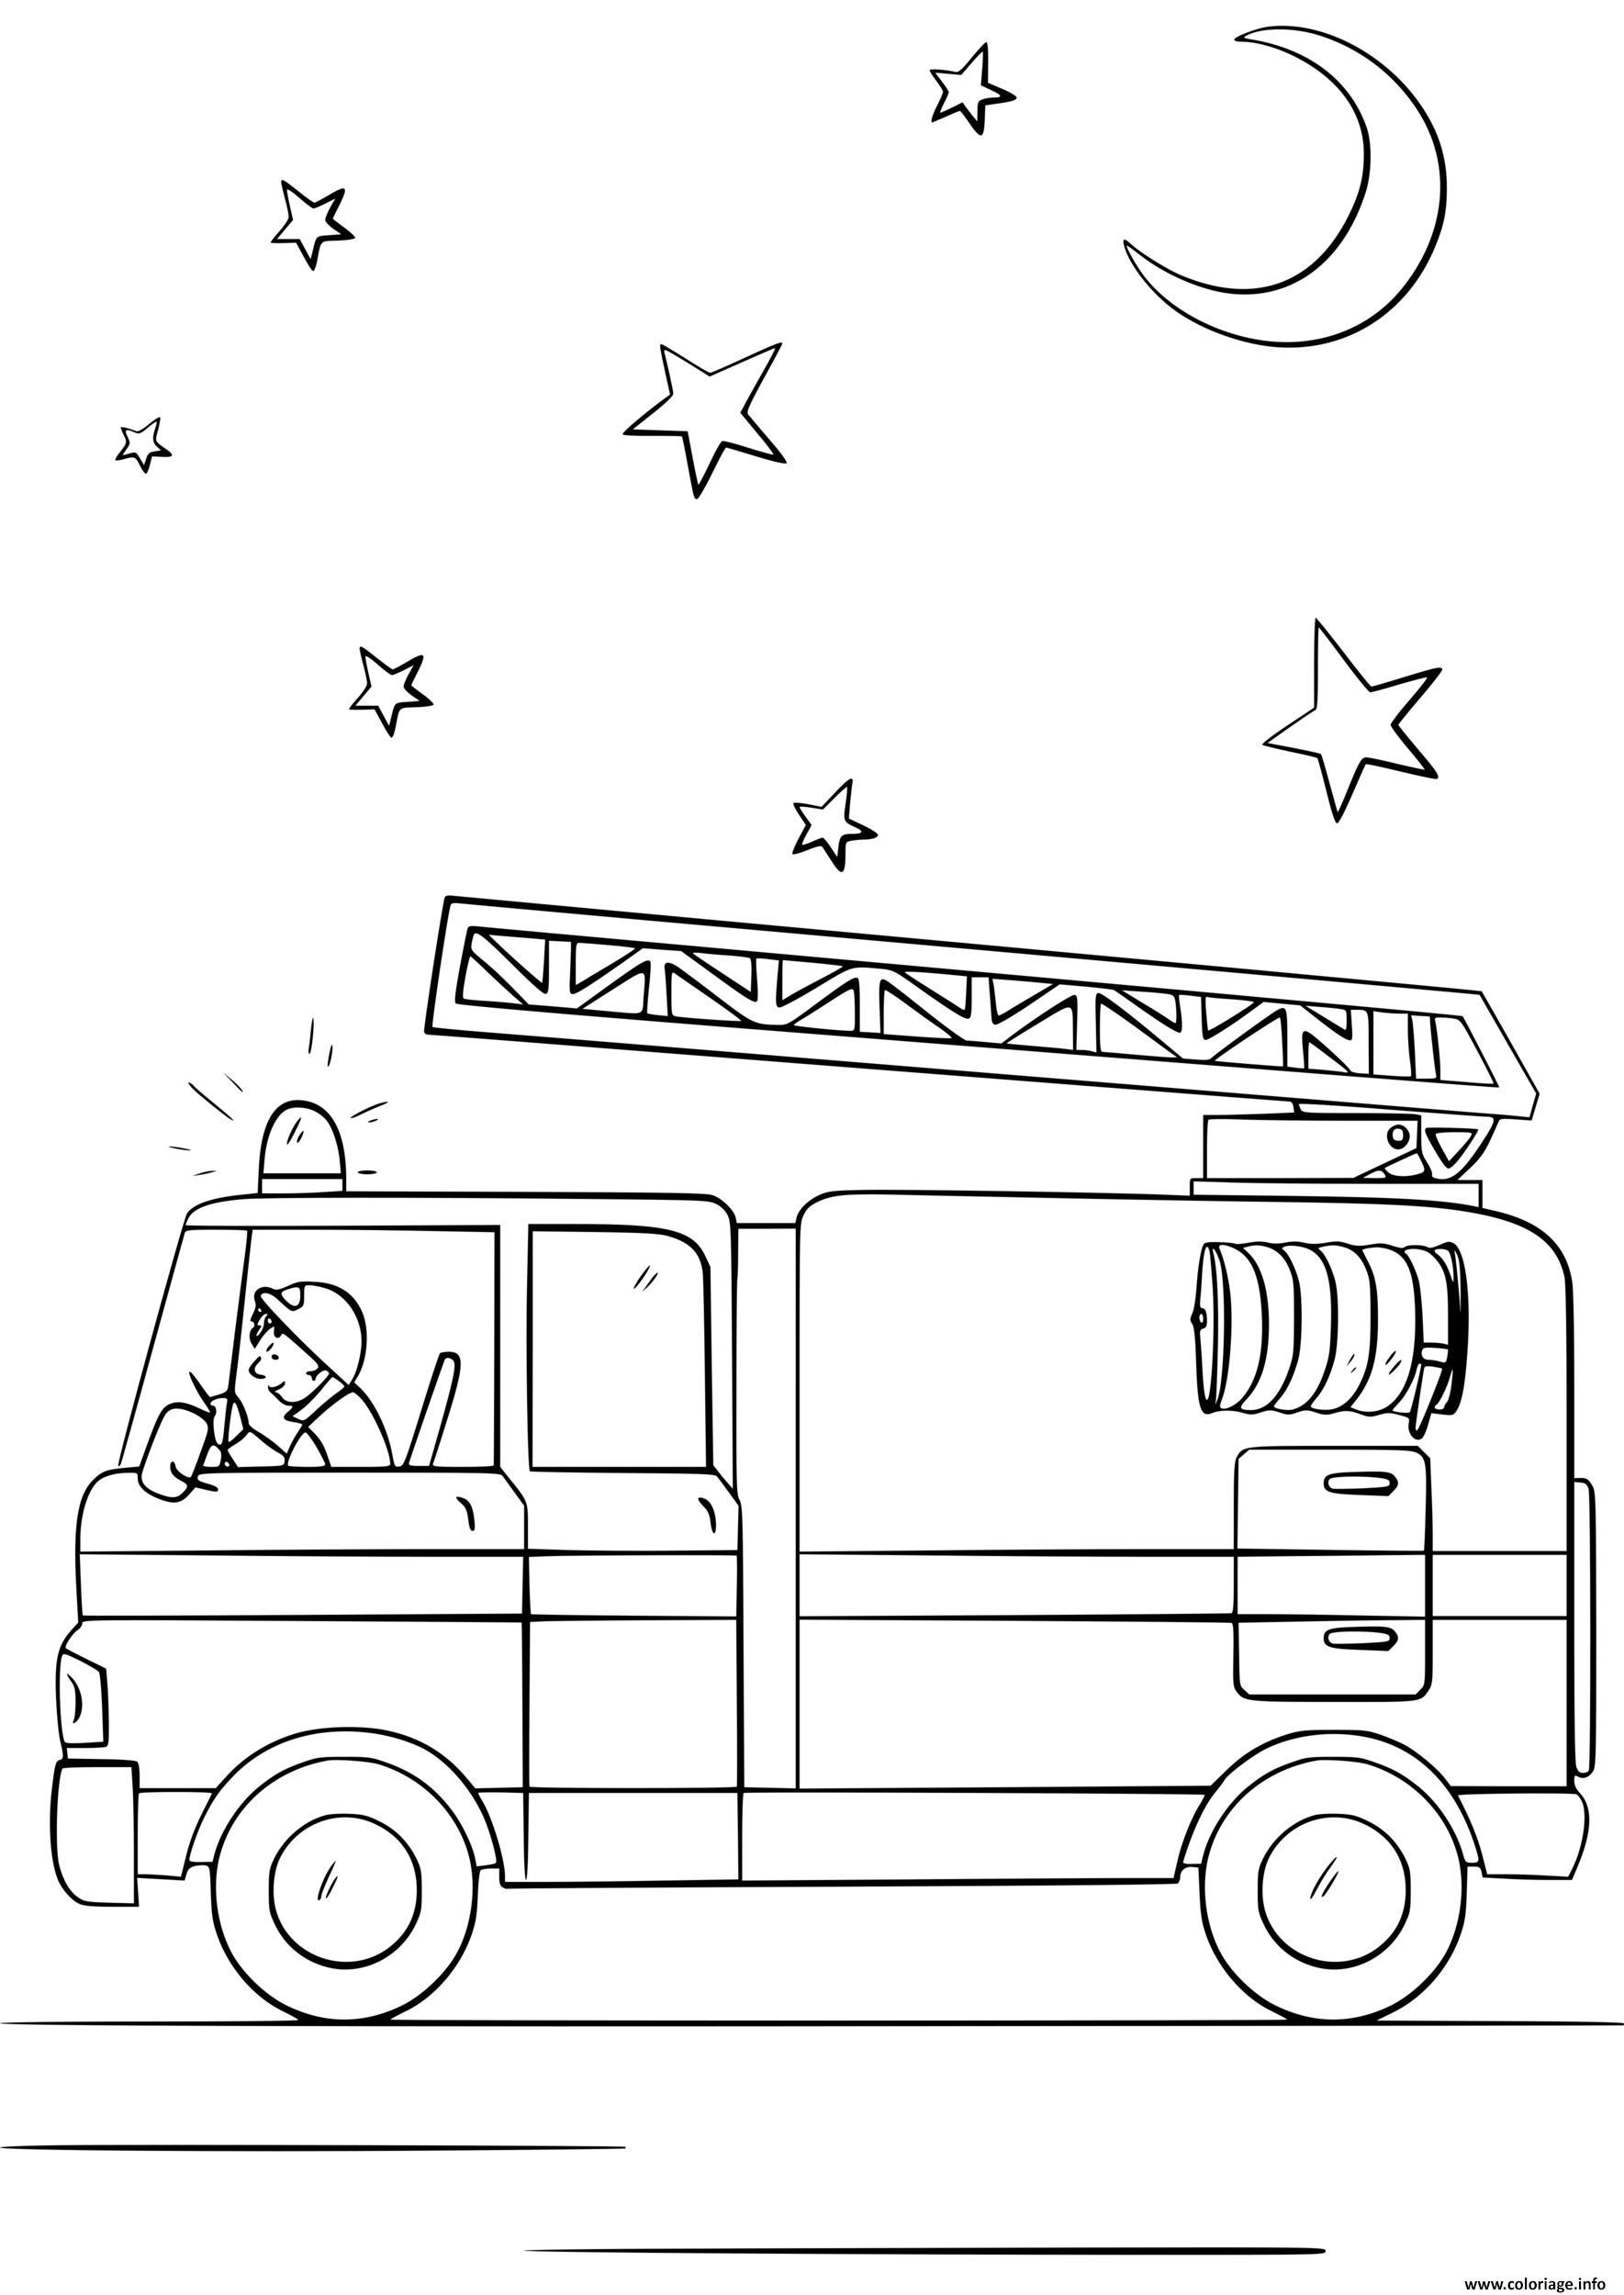 Dessin camion de pompier en action durant la nuit sous les etoiles et la lune Coloriage Gratuit à Imprimer